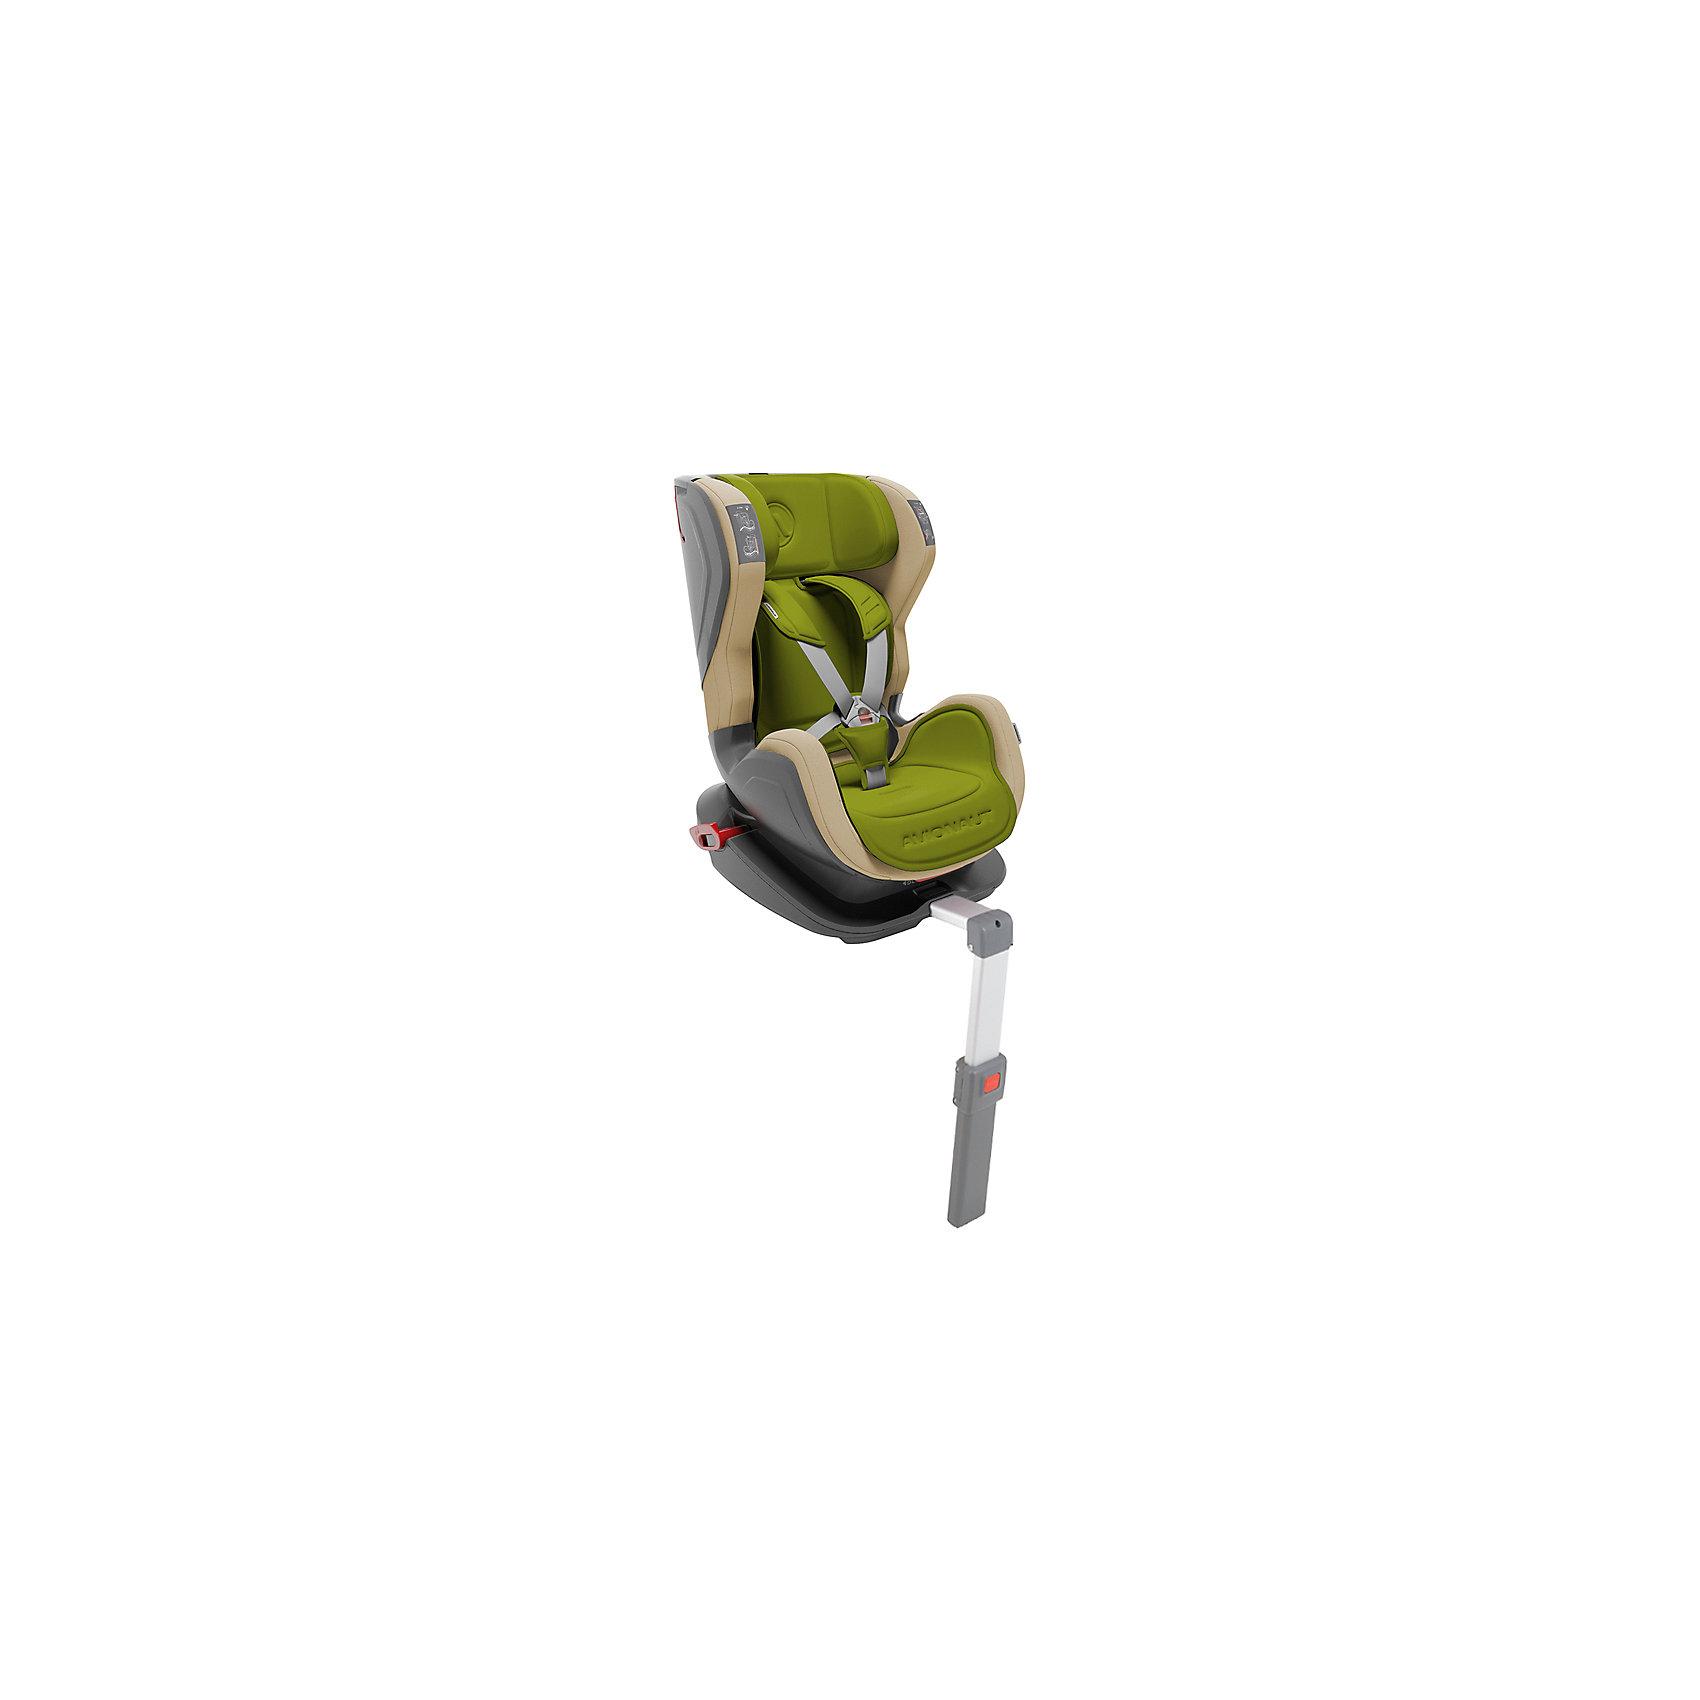 Автокресло GLIDER isofix 9-25 кг, Avionaut, оливковый/бежевый